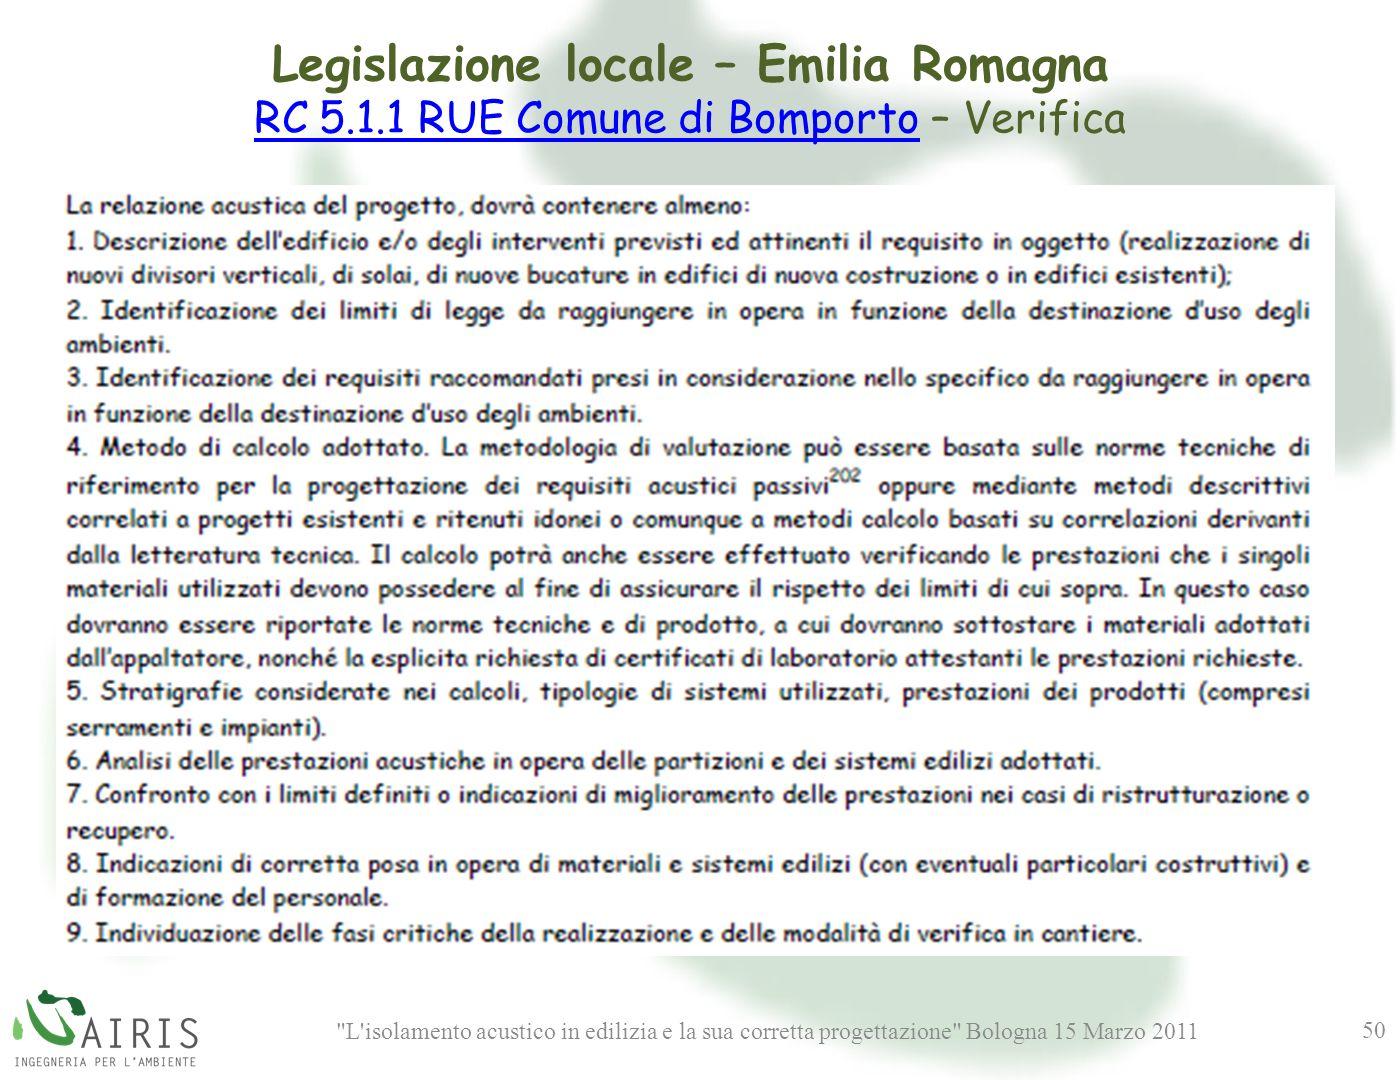 L isolamento acustico in edilizia e la sua corretta progettazione Bologna 15 Marzo 2011 50 Legislazione locale – Emilia Romagna RC 5.1.1 RUE Comune di BomportoRC 5.1.1 RUE Comune di Bomporto – Verifica